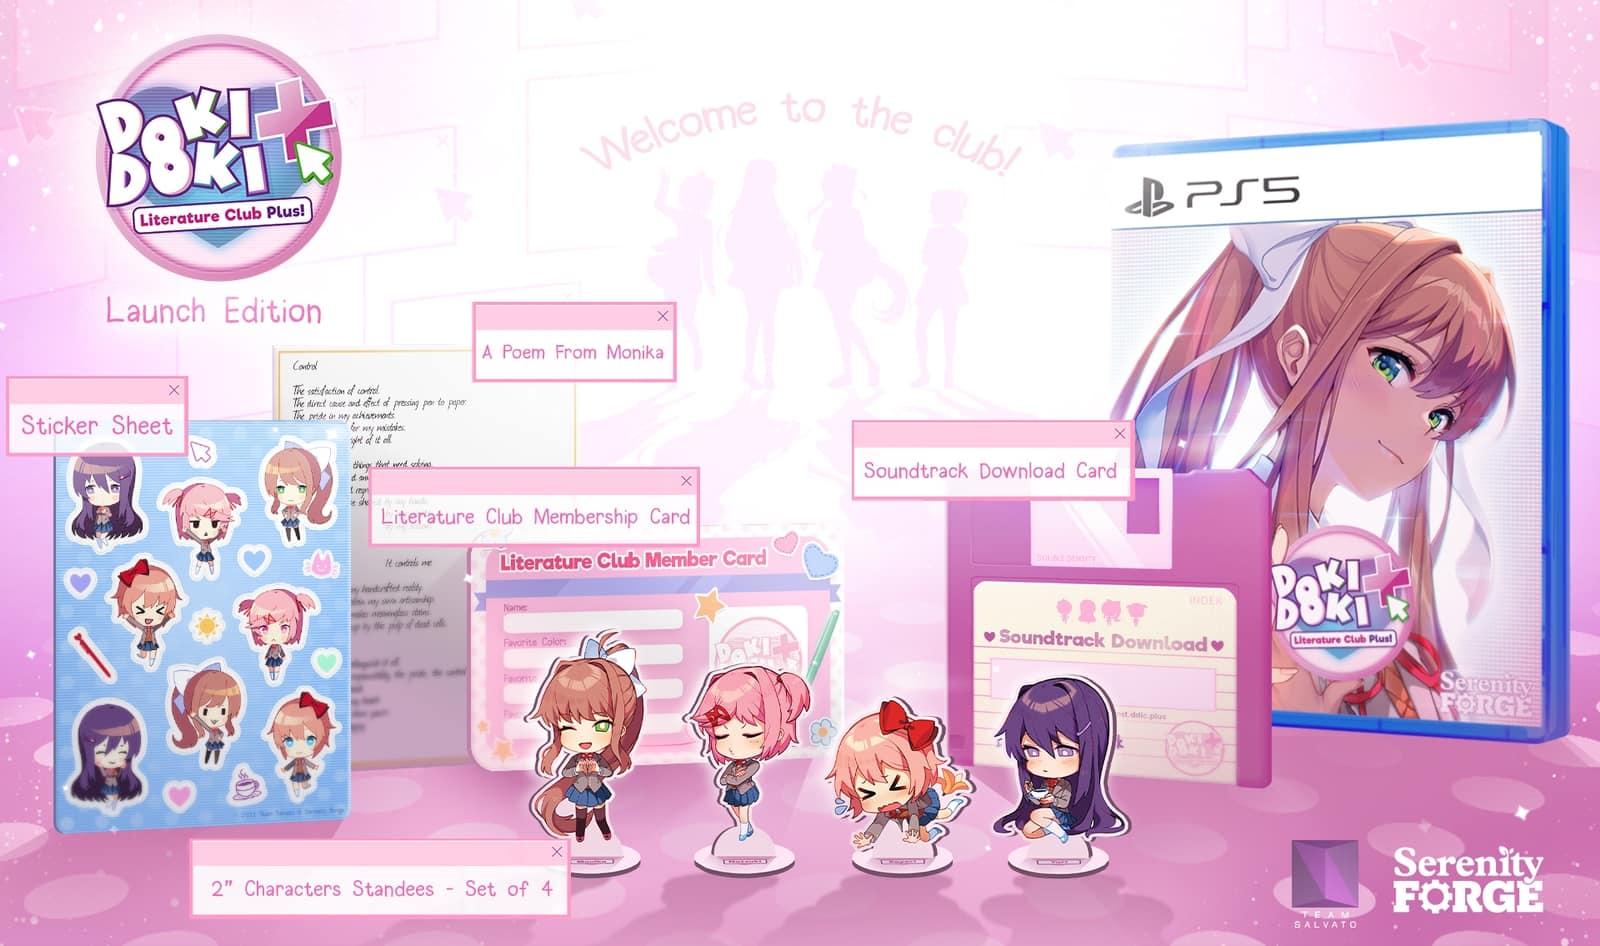 主机版《心跳文学部Plus》10月7日开始发售 有实体预购奖励